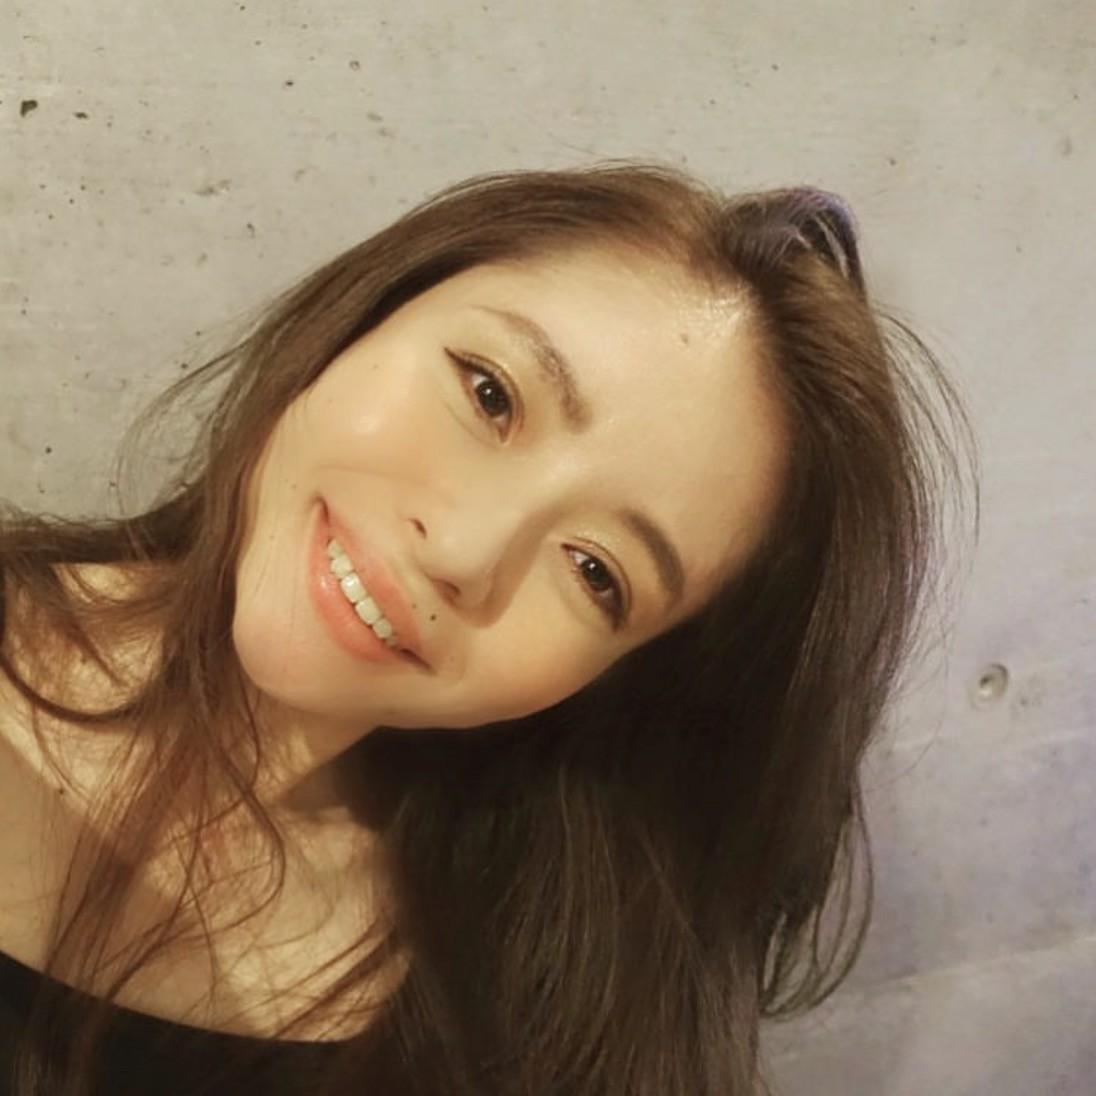 自己紹介: 時短・コスパ重視、韓国美容オタクの2017マキアブロガーHaruです♩